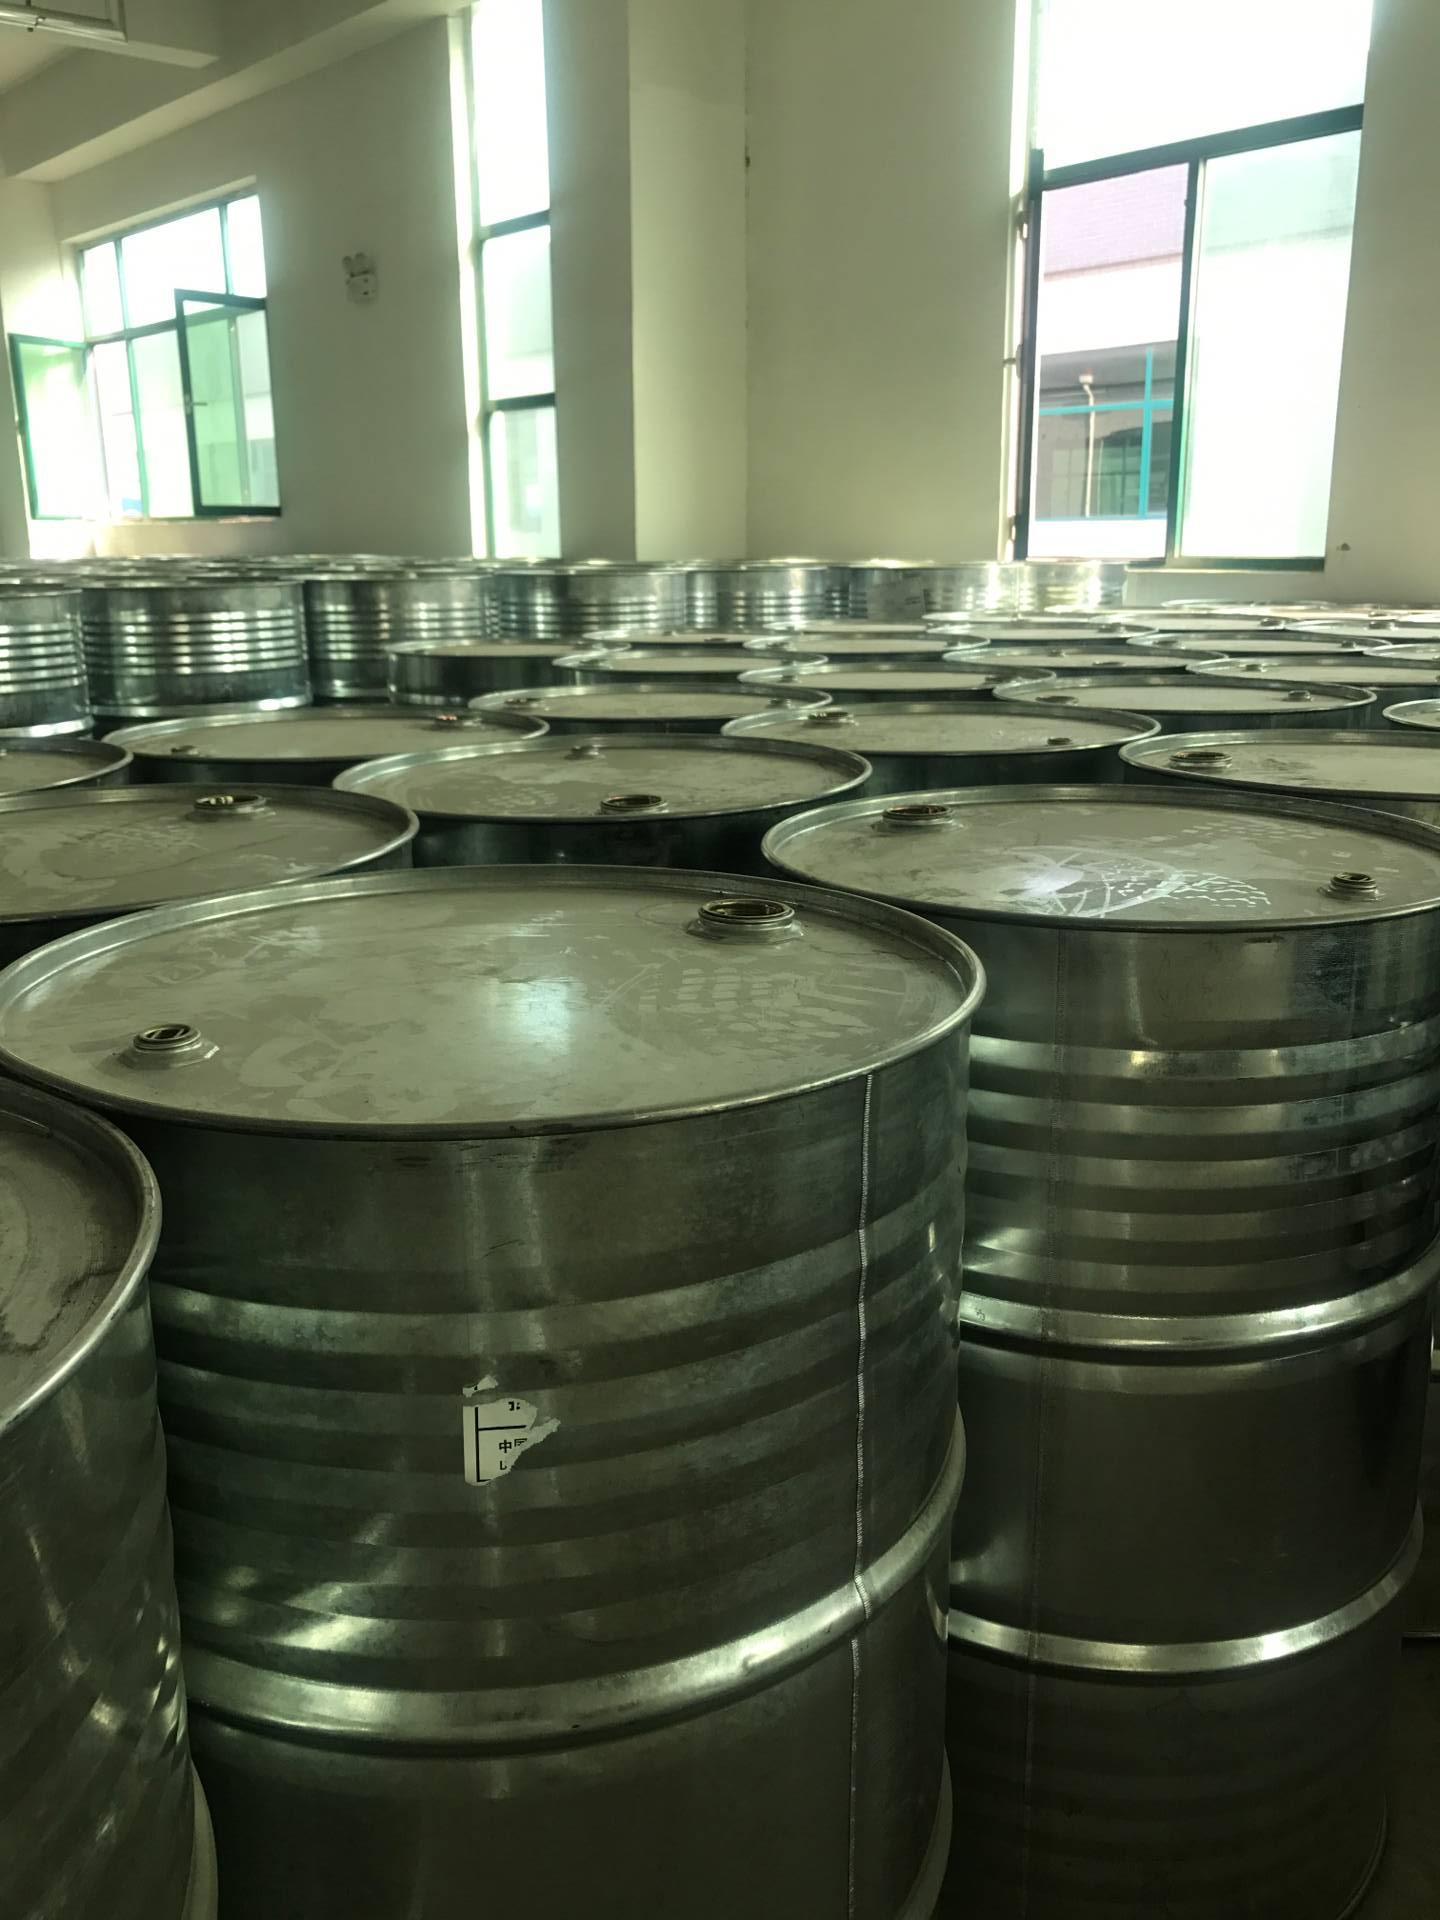 濟南倉庫新到環己胺 170kg/桶 一桶起發